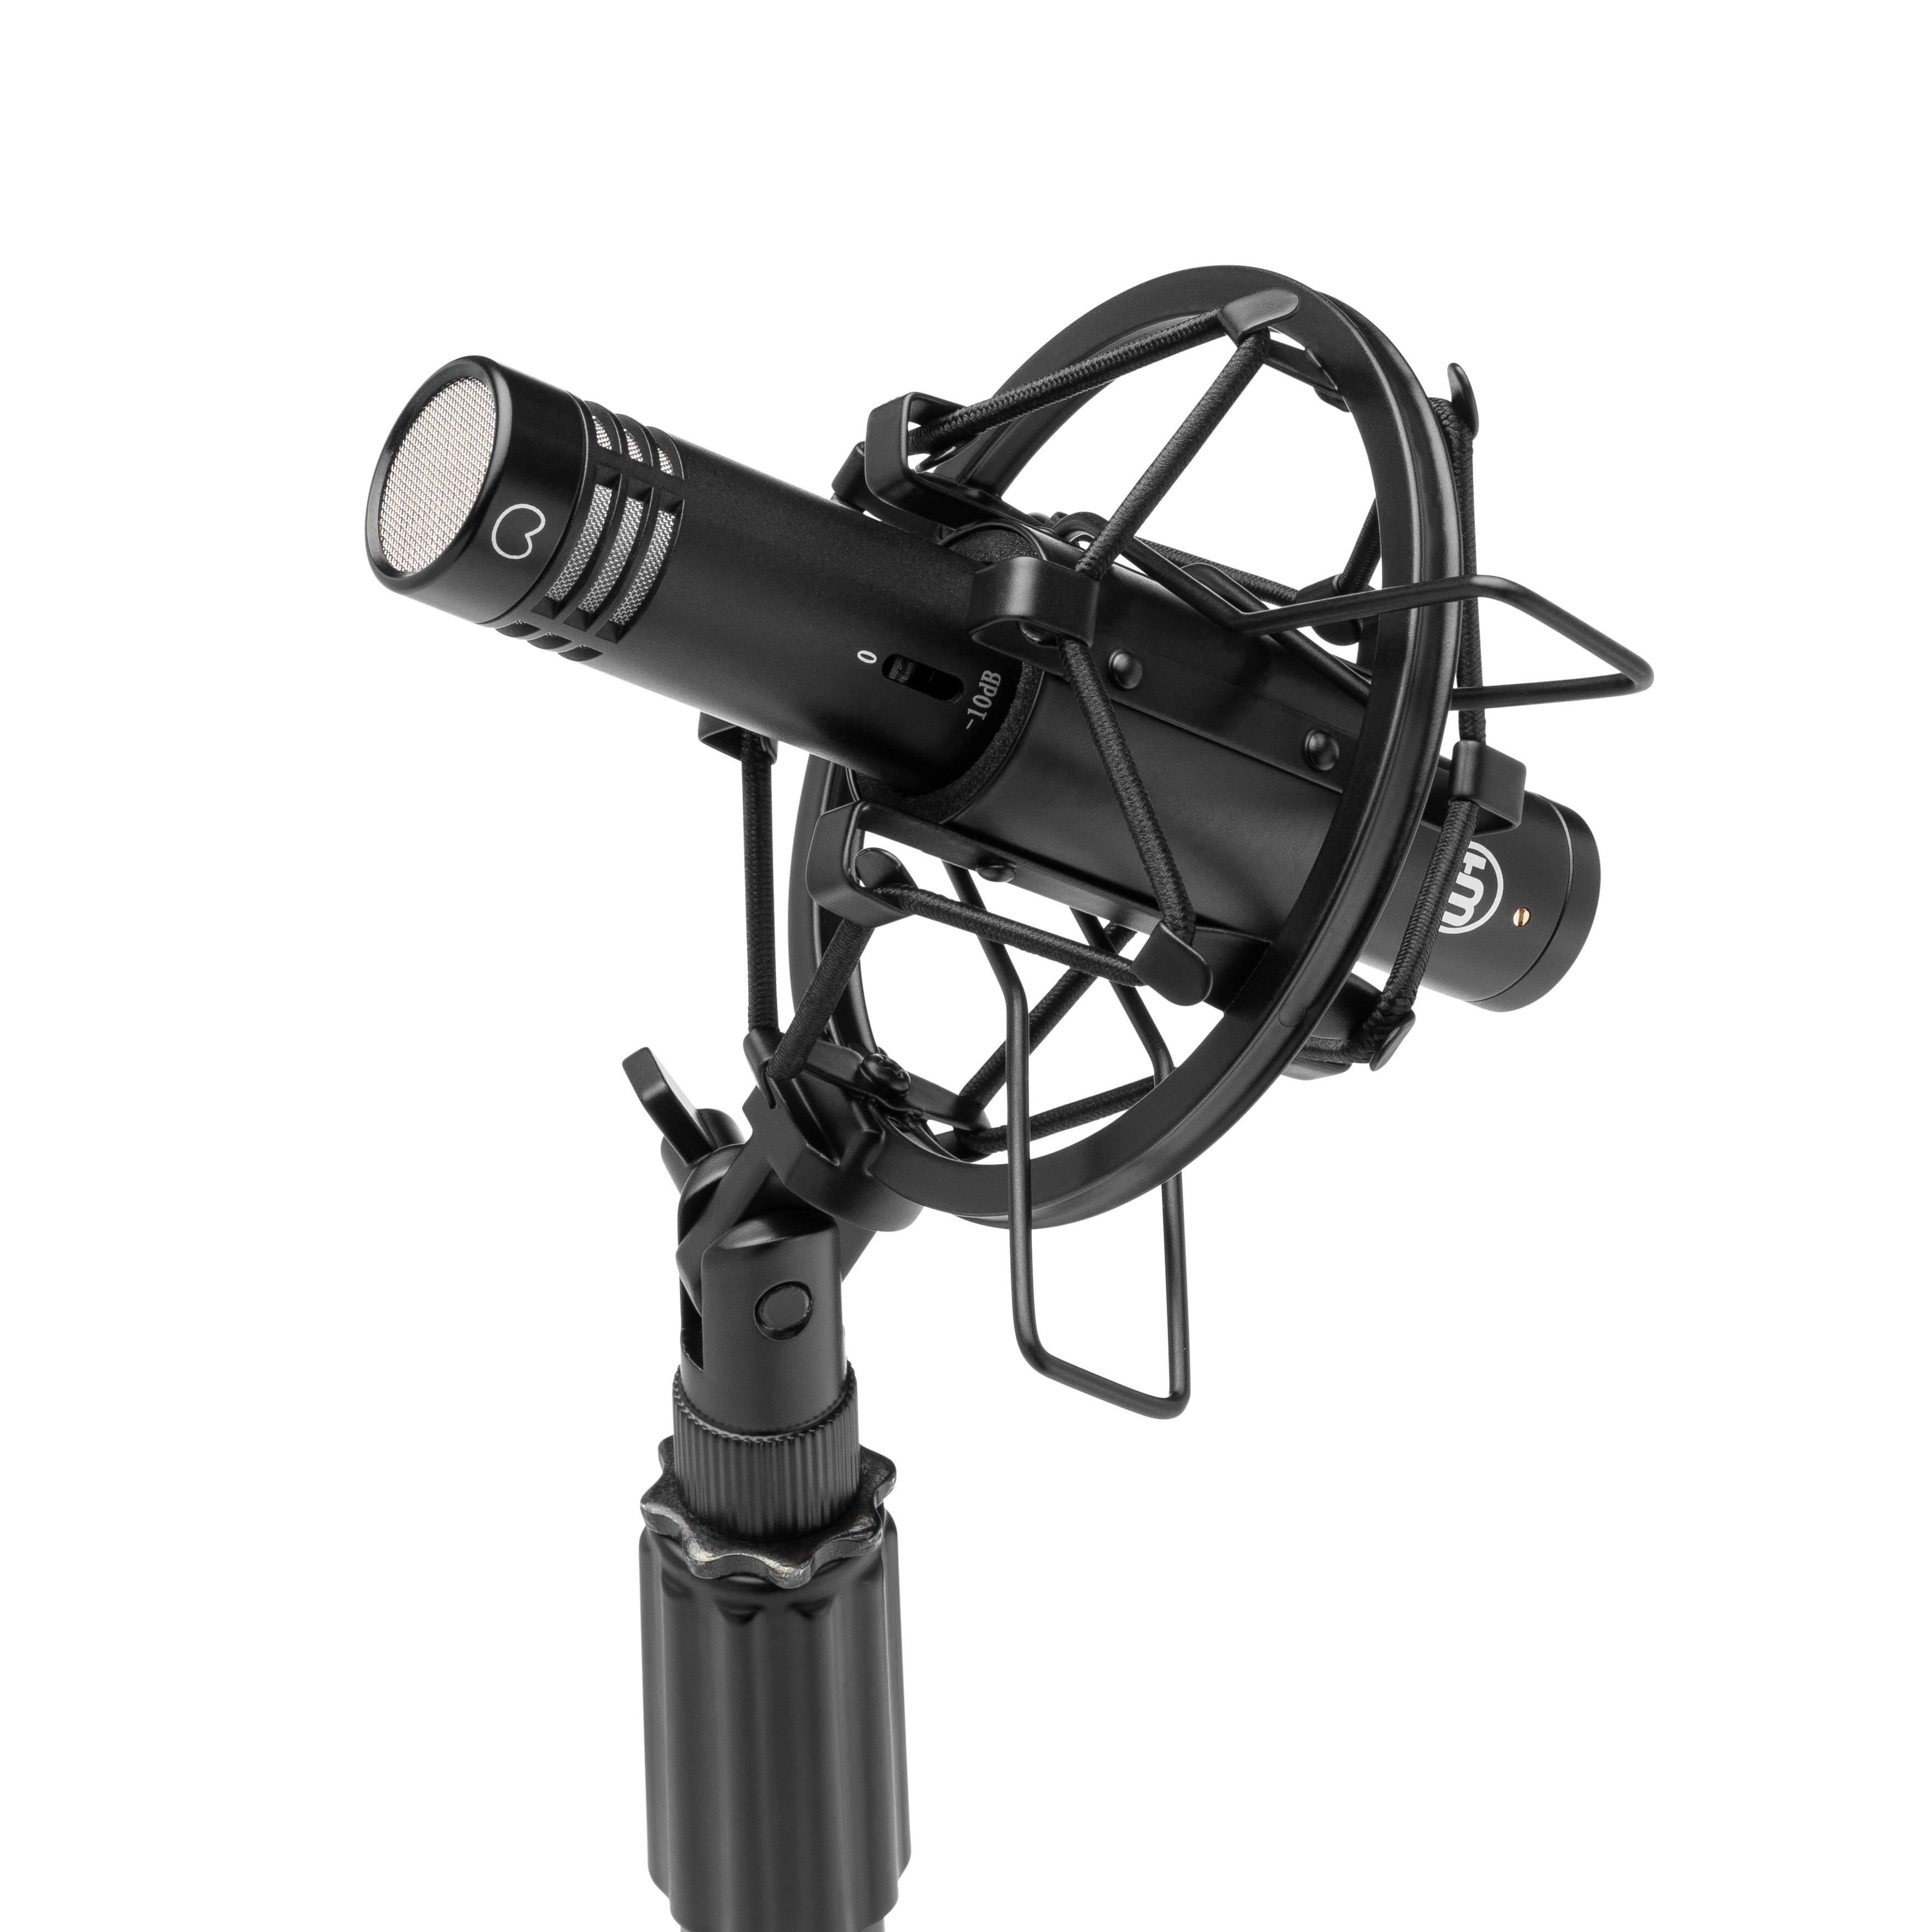 WA-84 Single Black Angled View